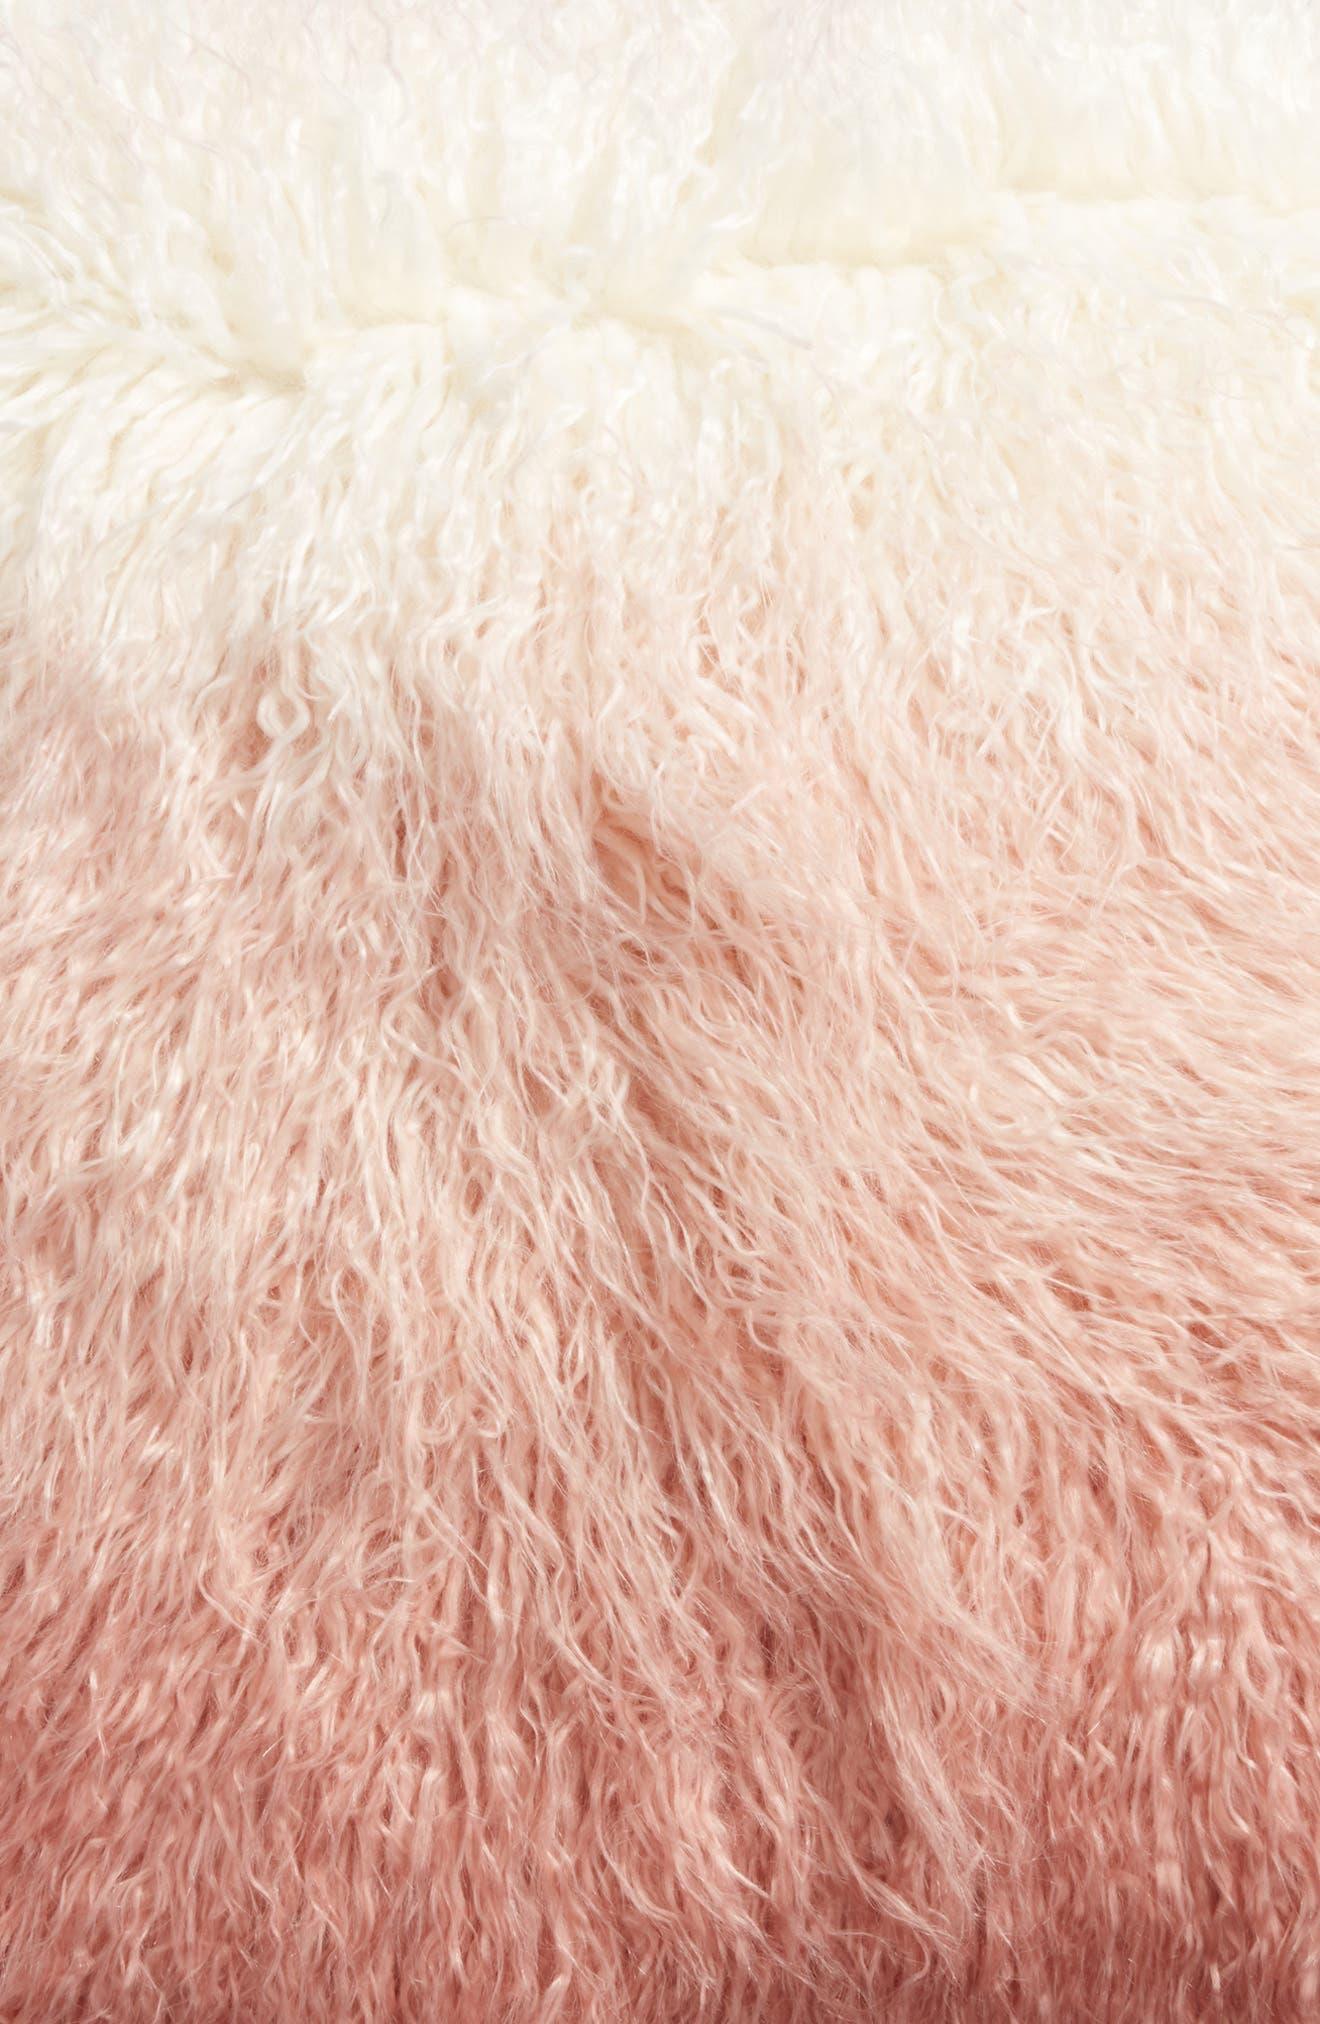 Ombré Faux Fur Flokati Accent Pillow,                             Alternate thumbnail 14, color,